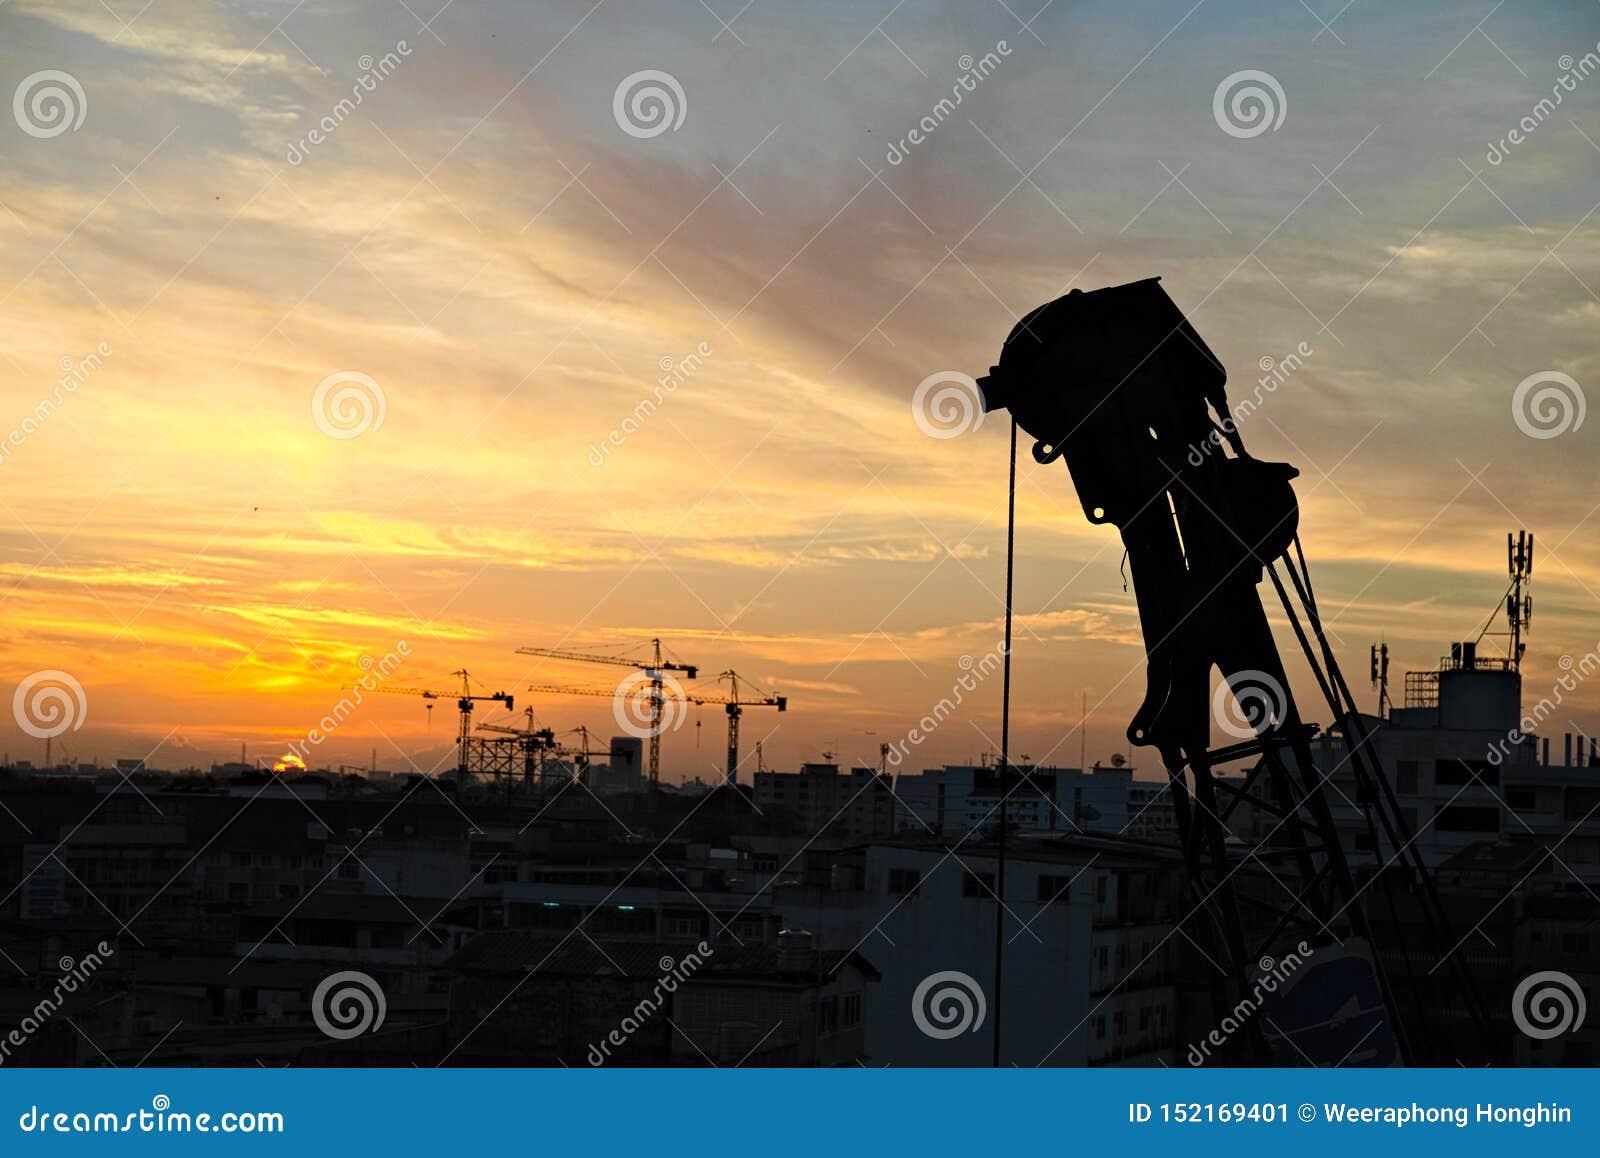 Żuraw gotowy pracować po wschód słońca